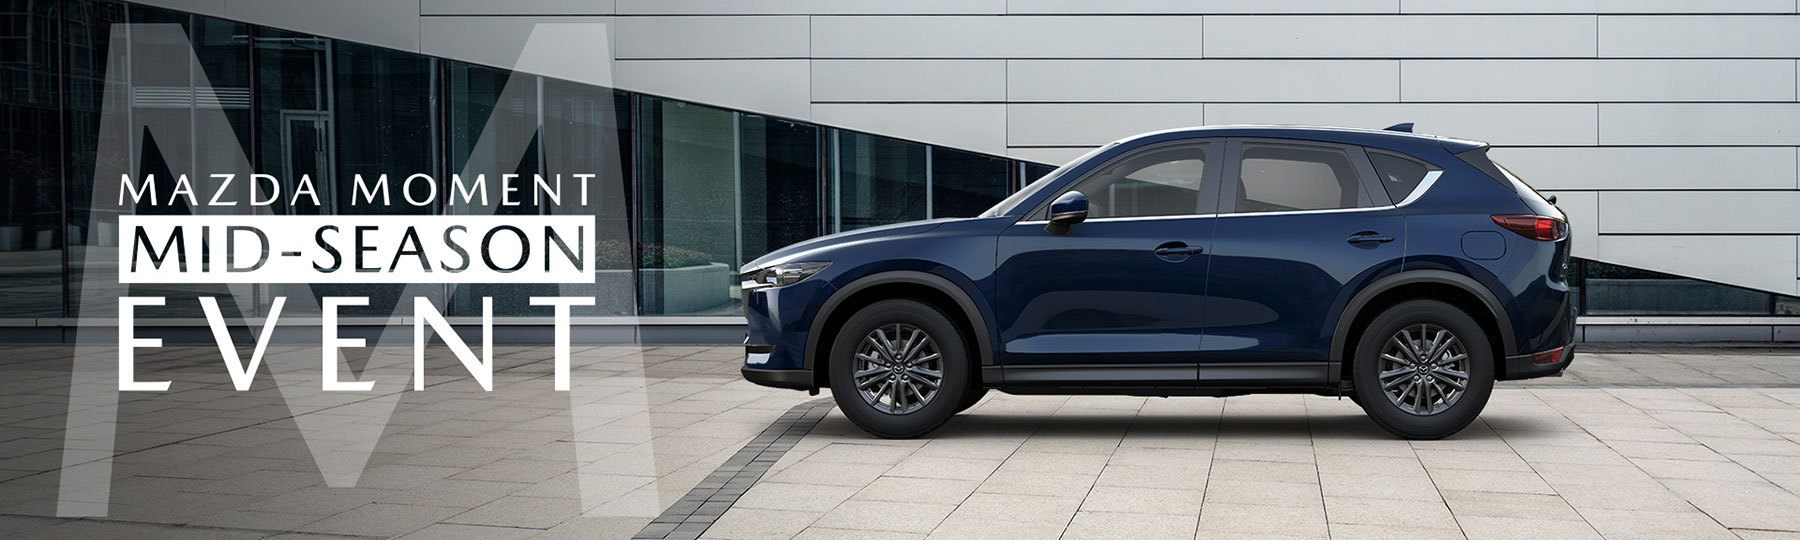 Mazda Mid-Season Event 2021